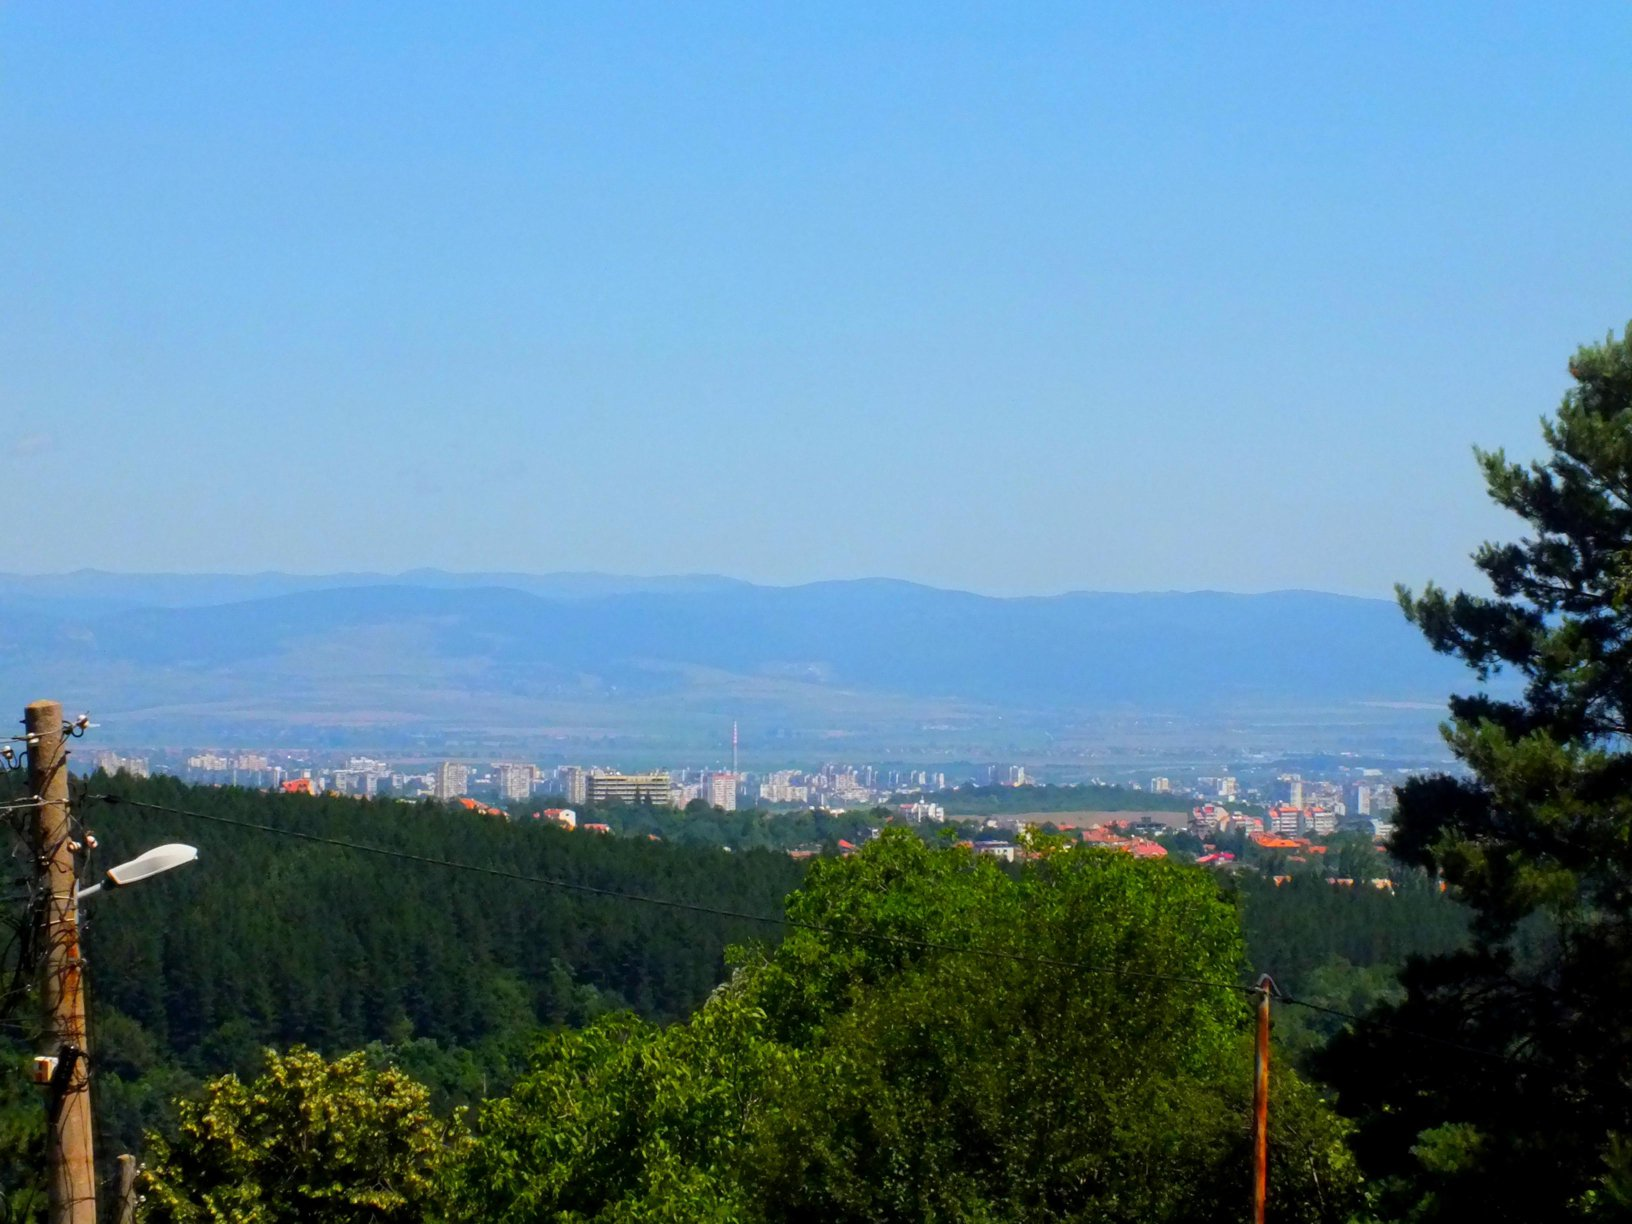 Main Photo:  in Sofia: Kniajevo House for sale